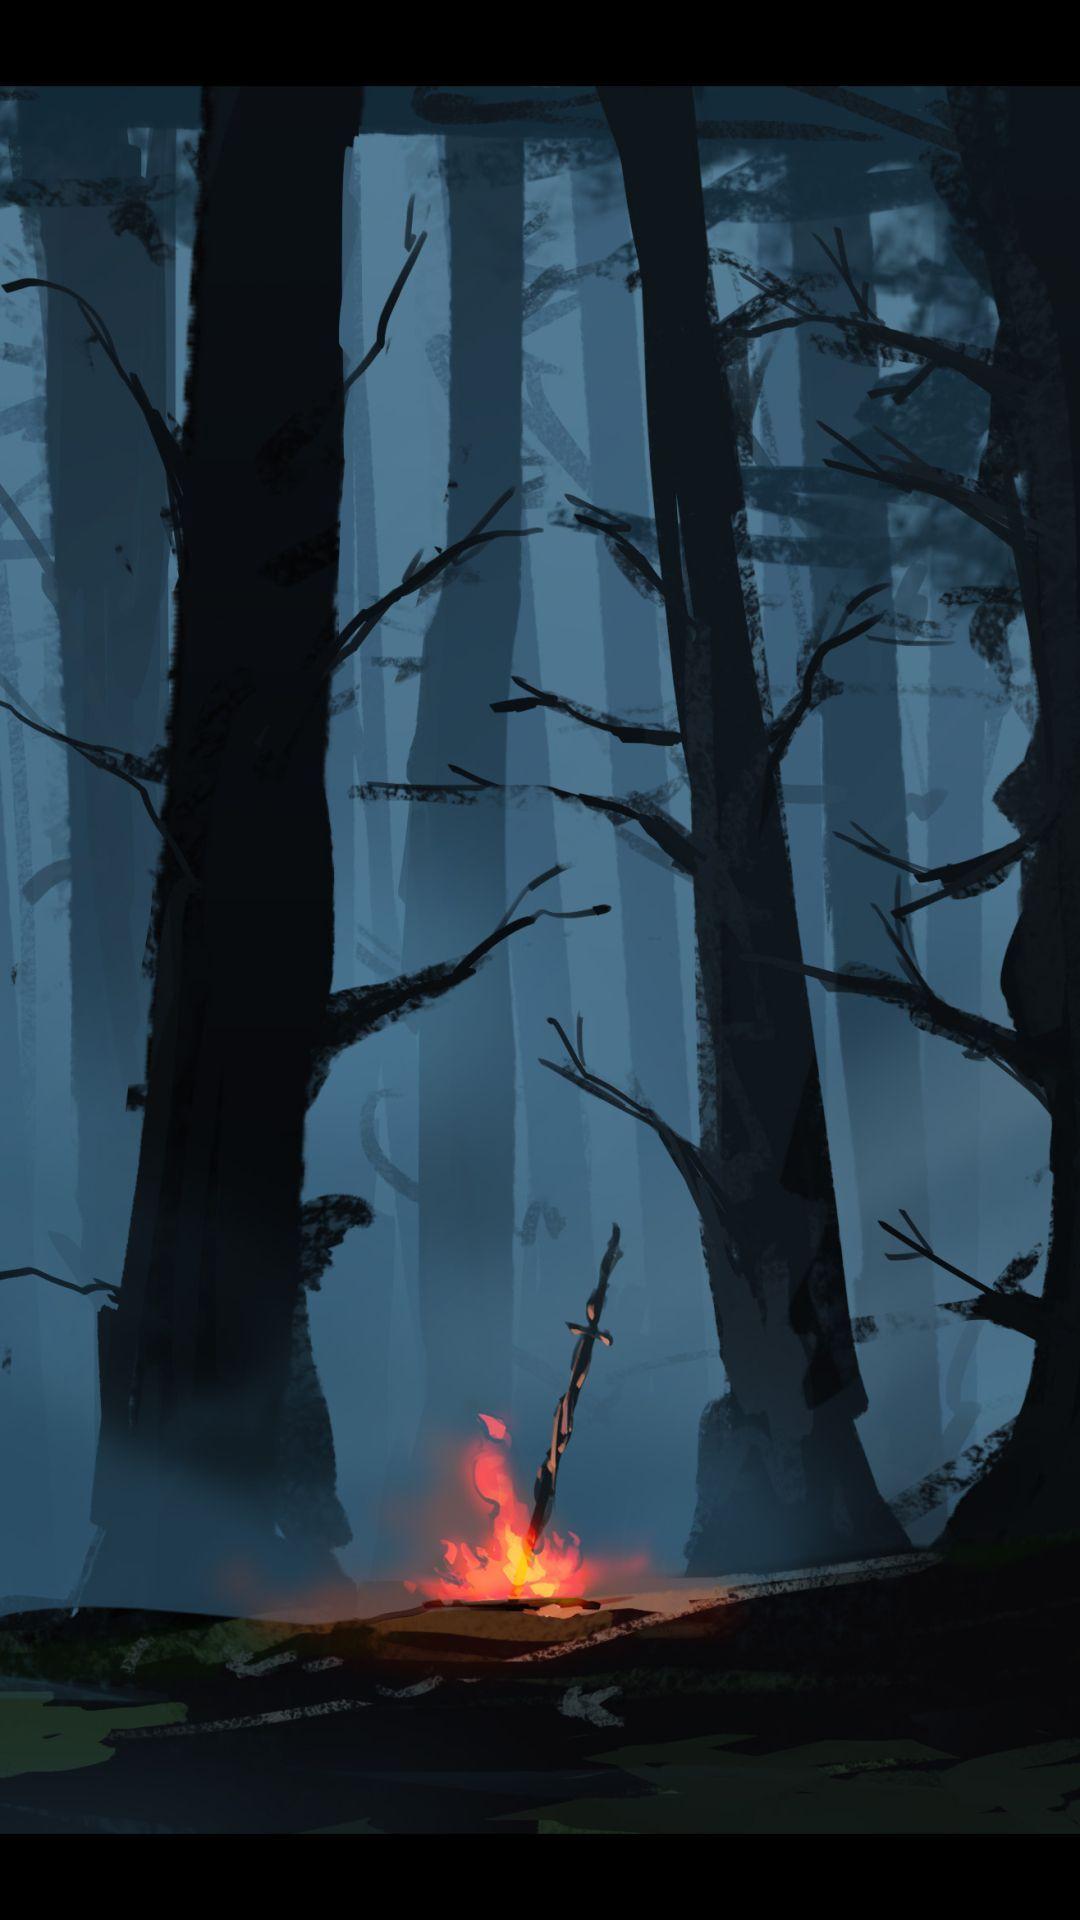 Dark Souls Wallpaper Phone Hd In 2020 Dark Souls Wallpaper Dark Souls Artwork Dark Wallpaper